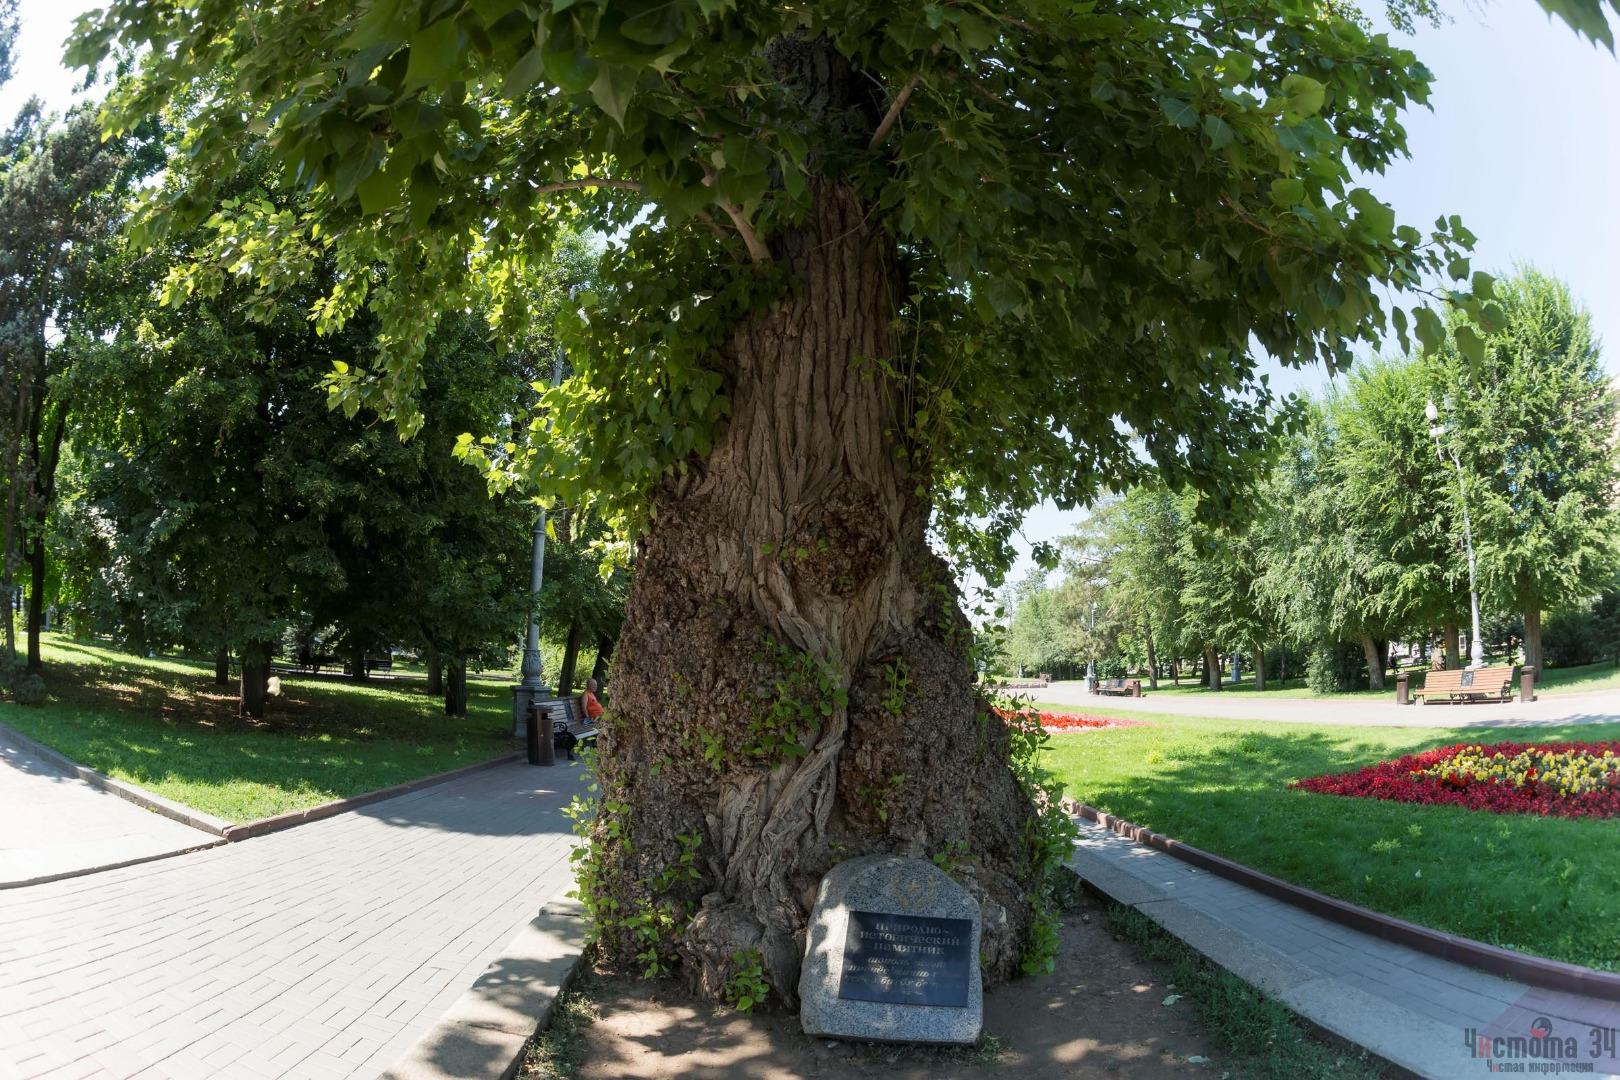 Тополь на Площади павших борцов, Волгоград